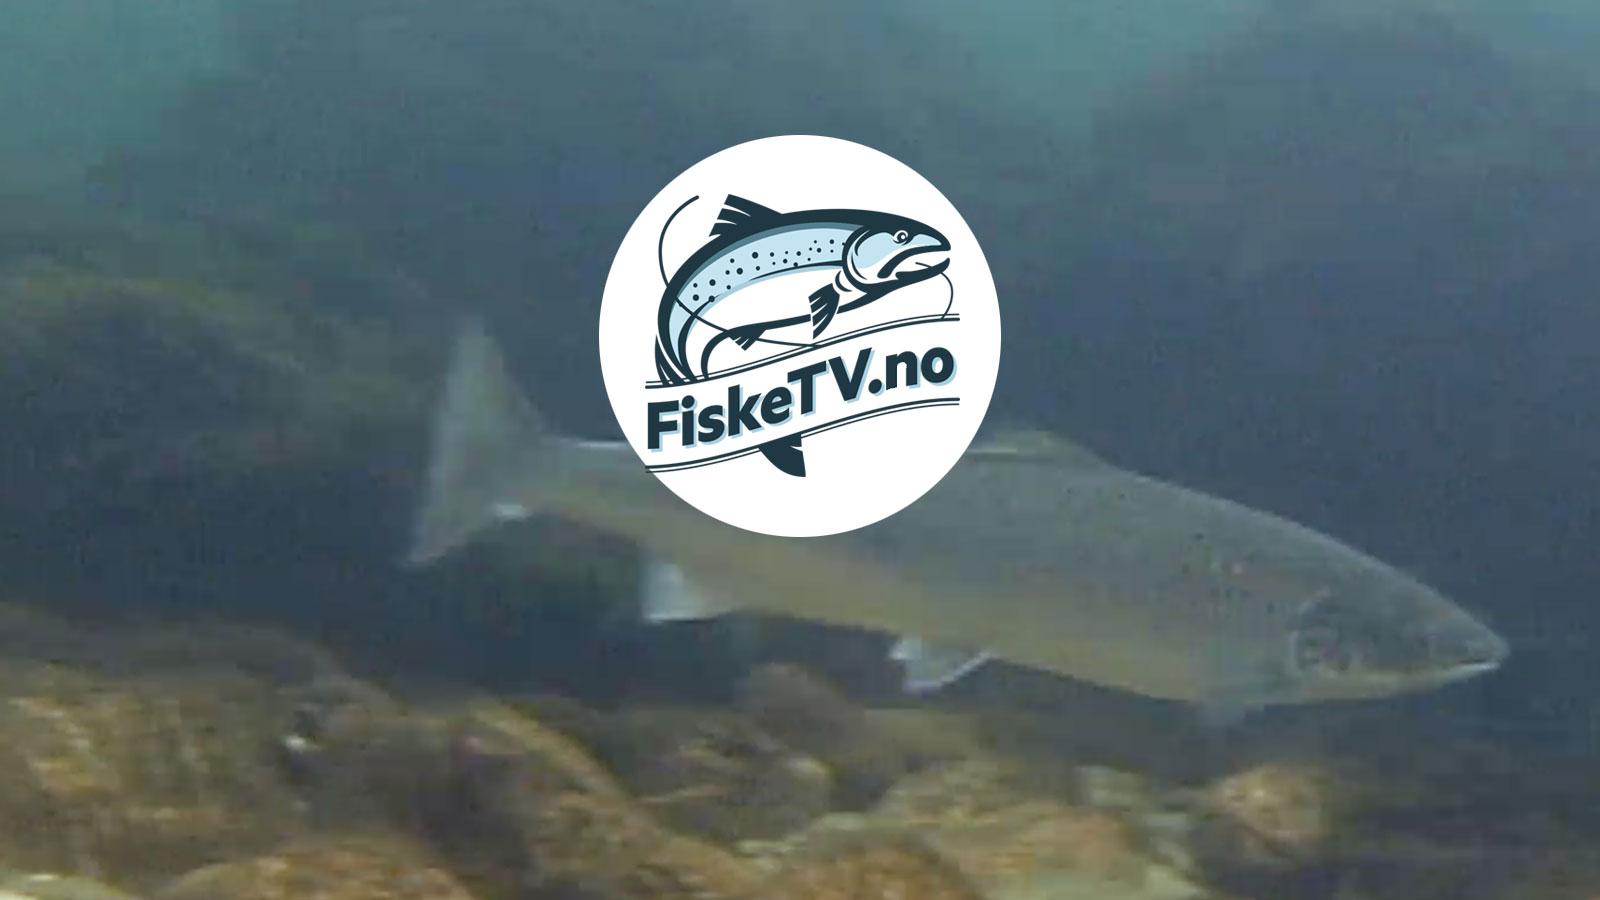 fisketv_strandlund